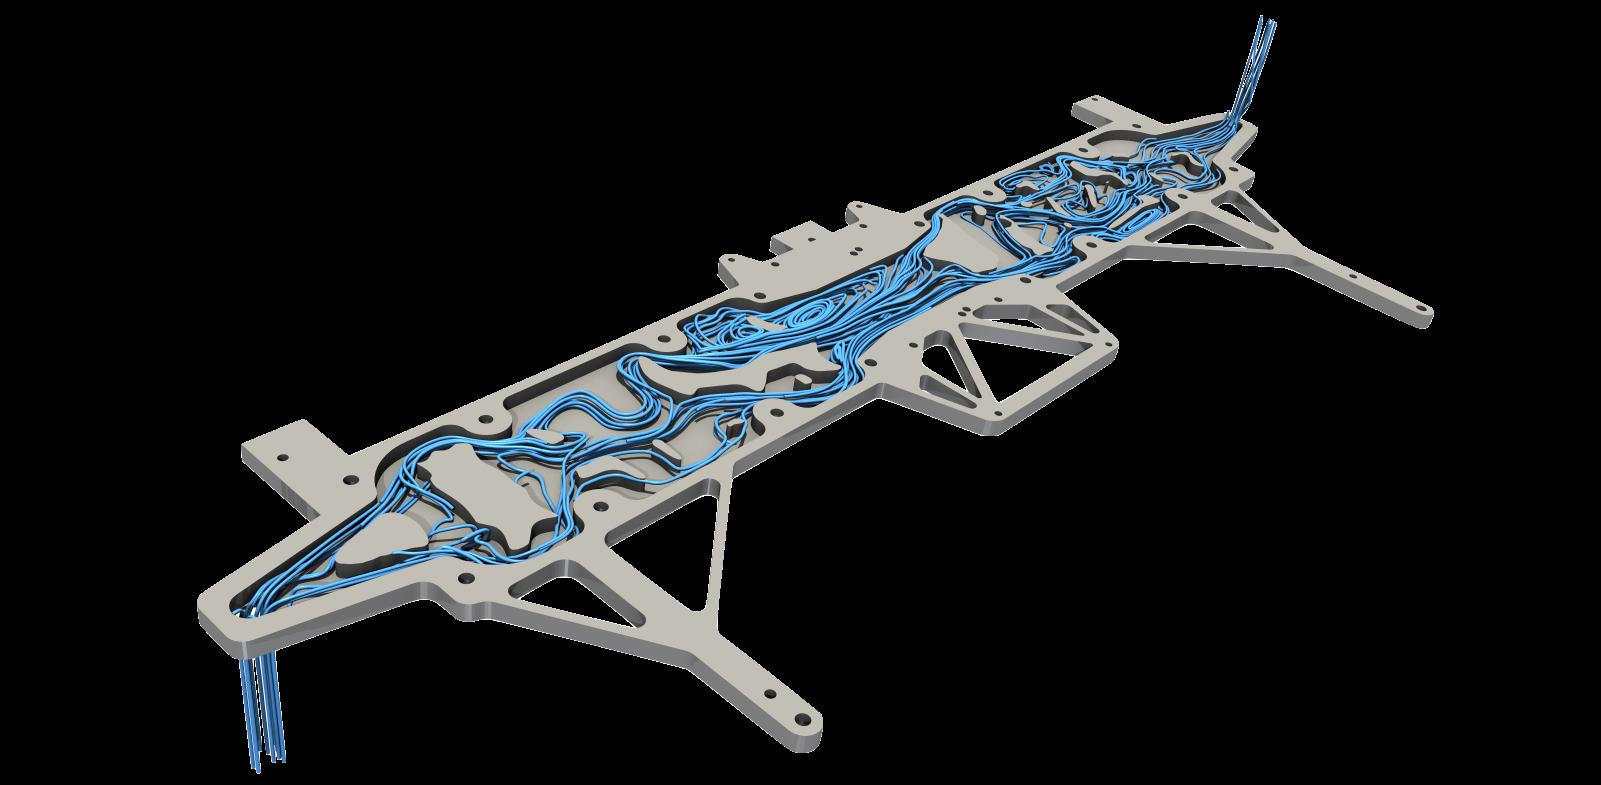 Diabatix Summer Series: CFD simulations for thermal engineers